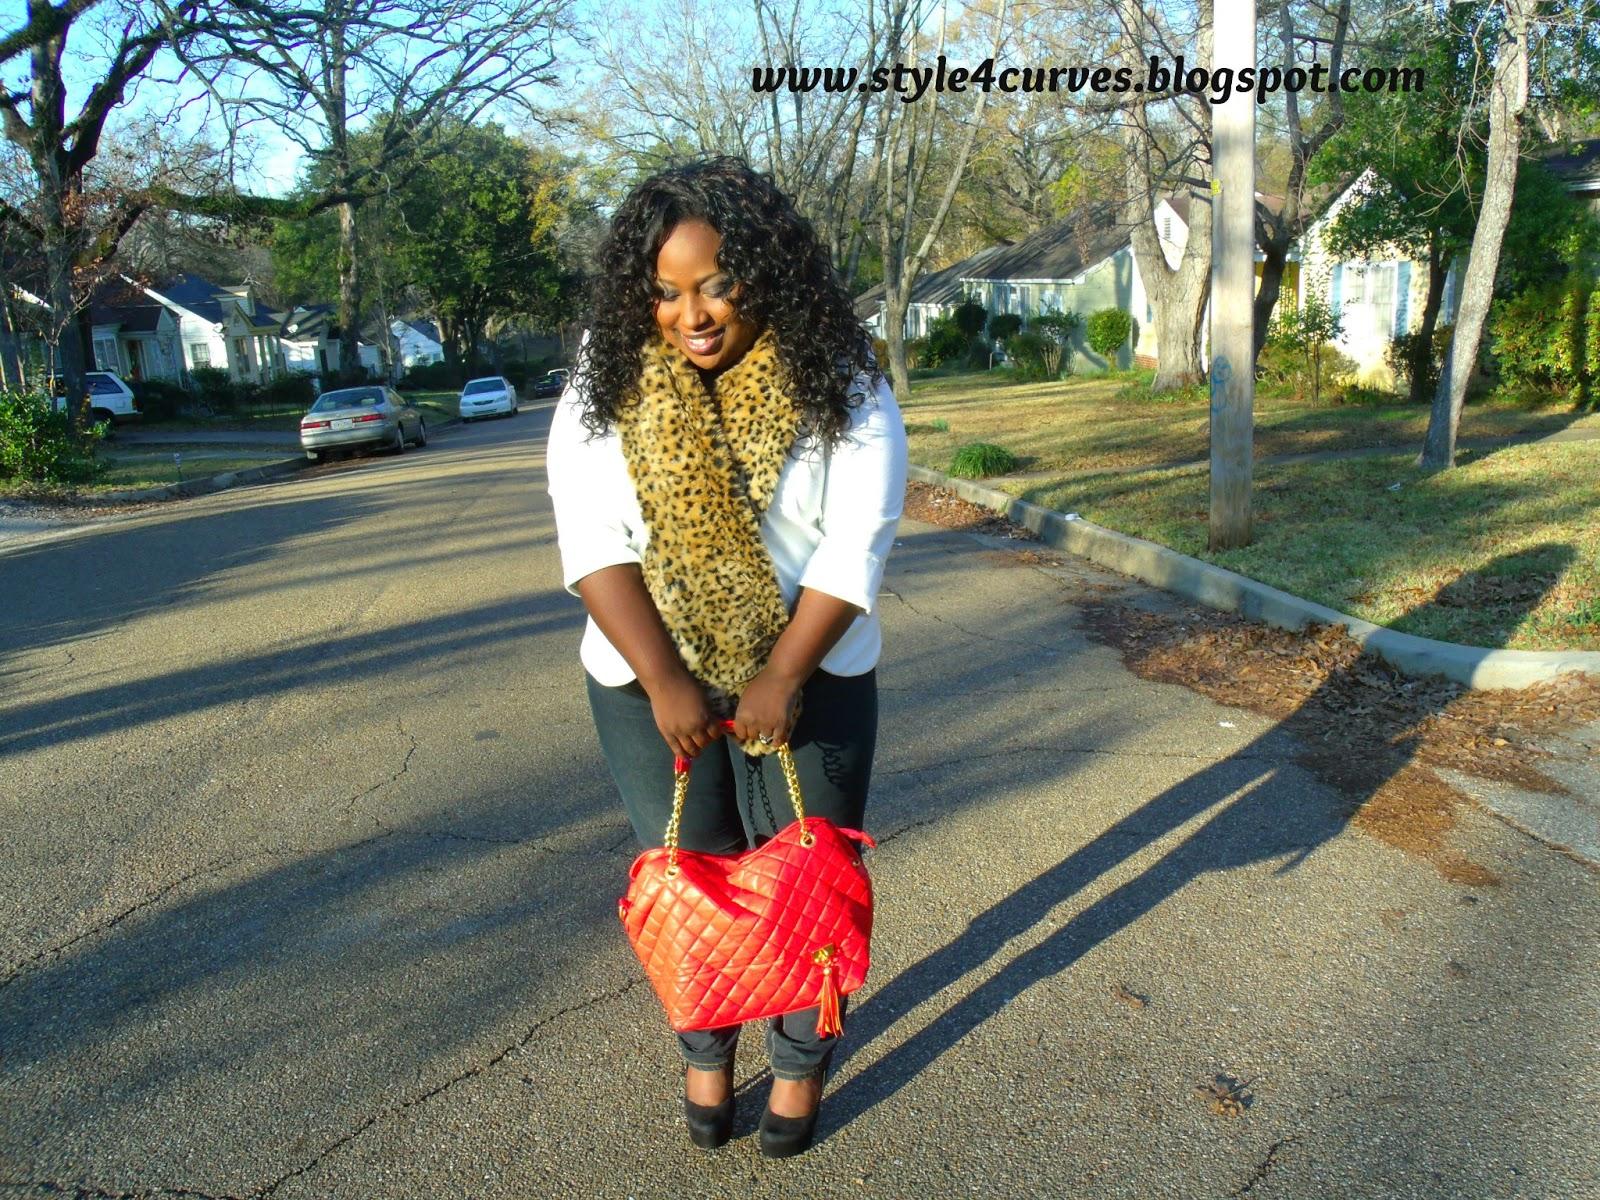 http://1.bp.blogspot.com/-u68Odb_YXrs/UPJiosWmemI/AAAAAAAADBM/KEpCLjhr4Kg/s1600/GEDC0764-1.jpg